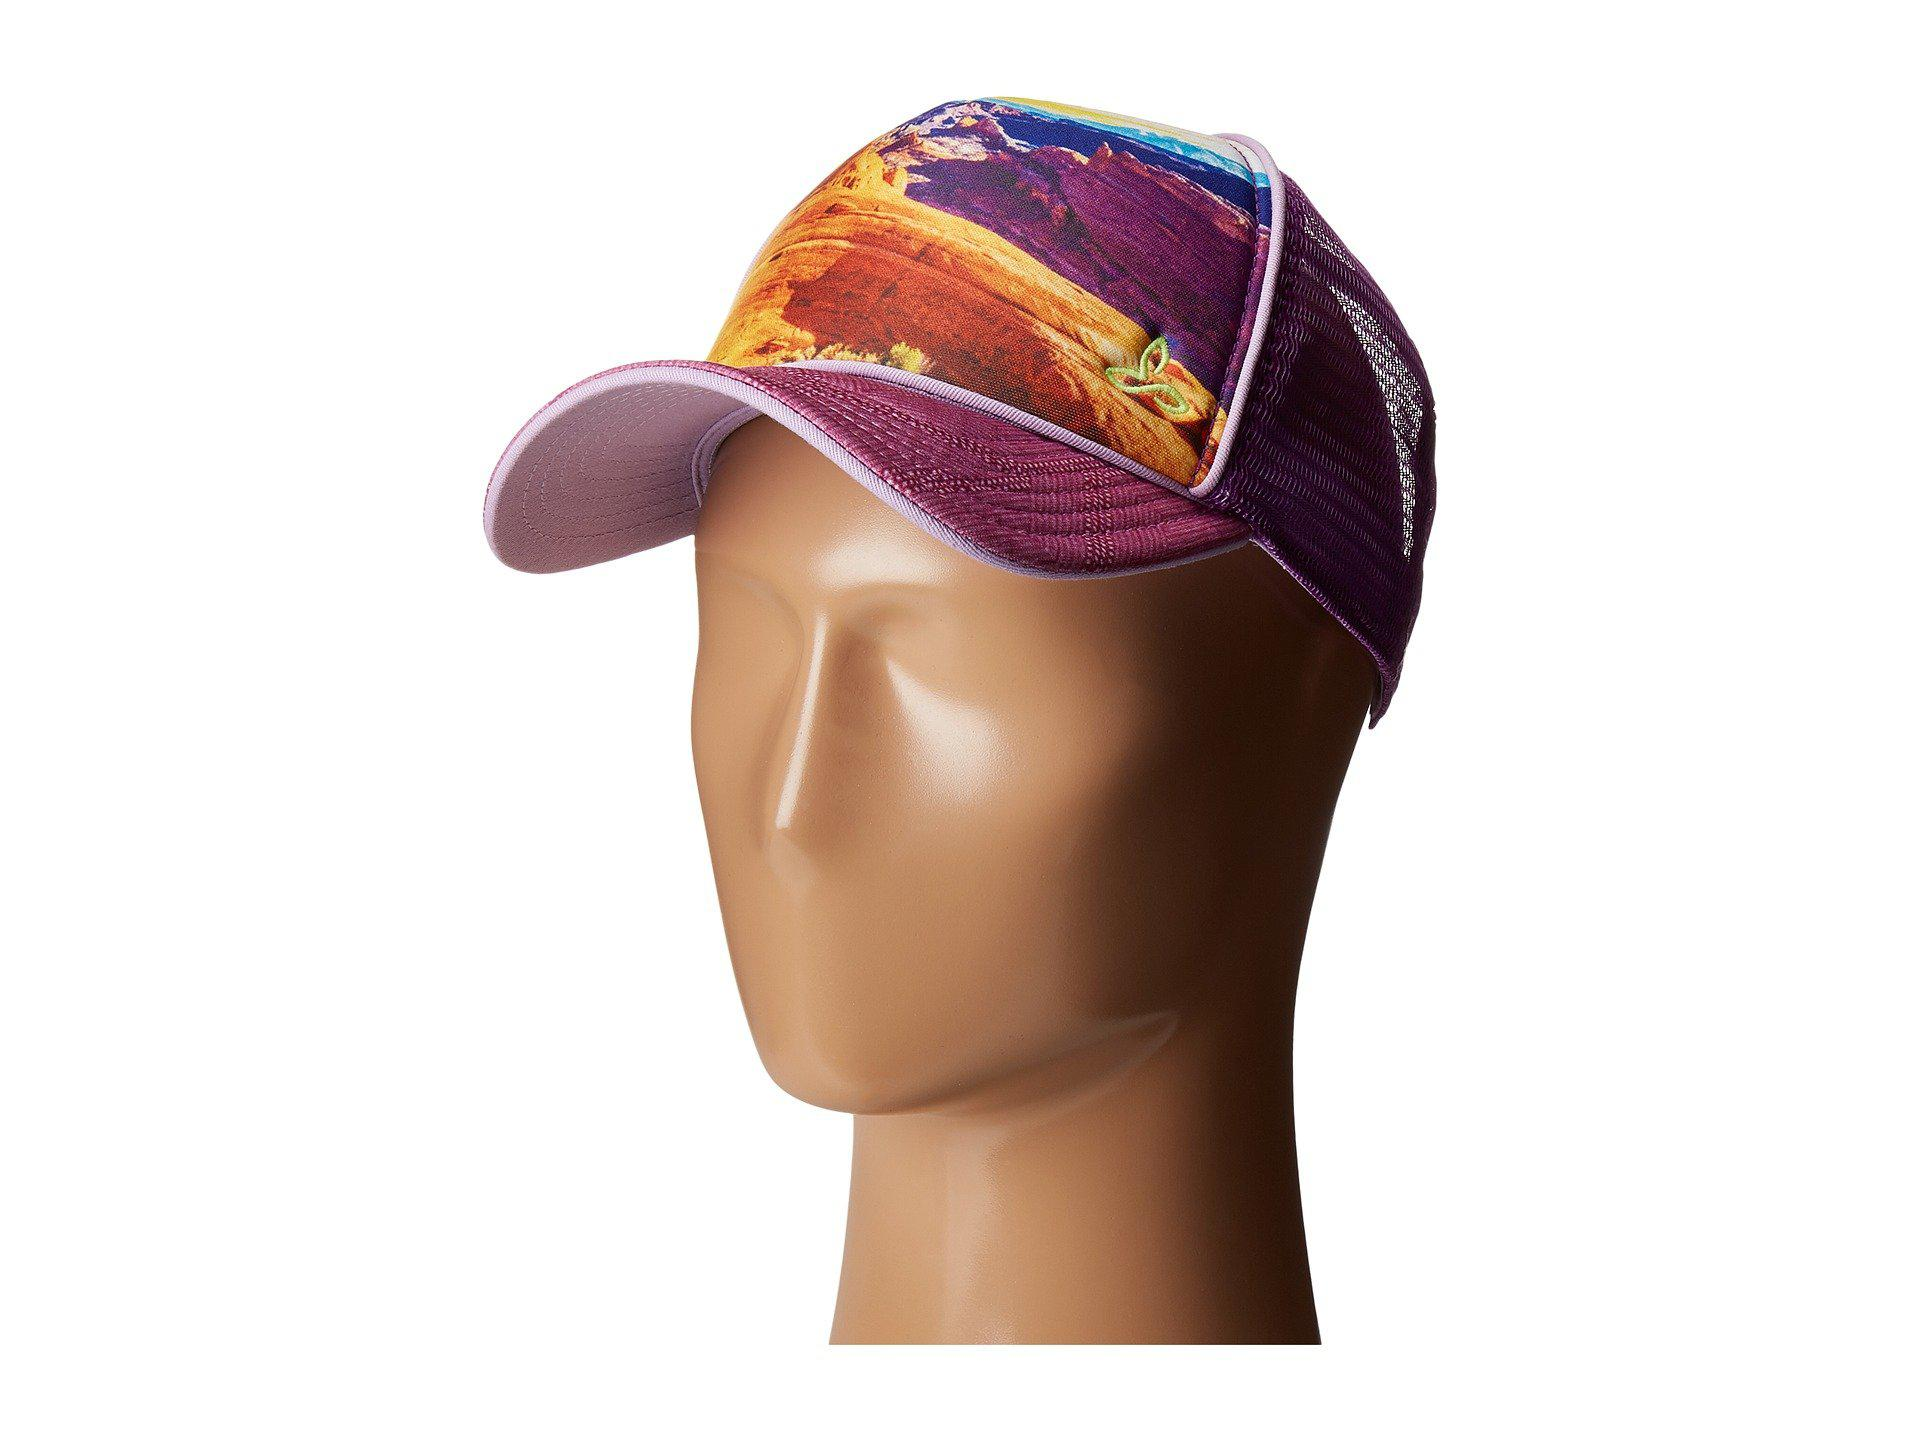 e291a1cf1d31fa Prana Rio Ball Cap (wild Orchid) Caps in Purple - Lyst